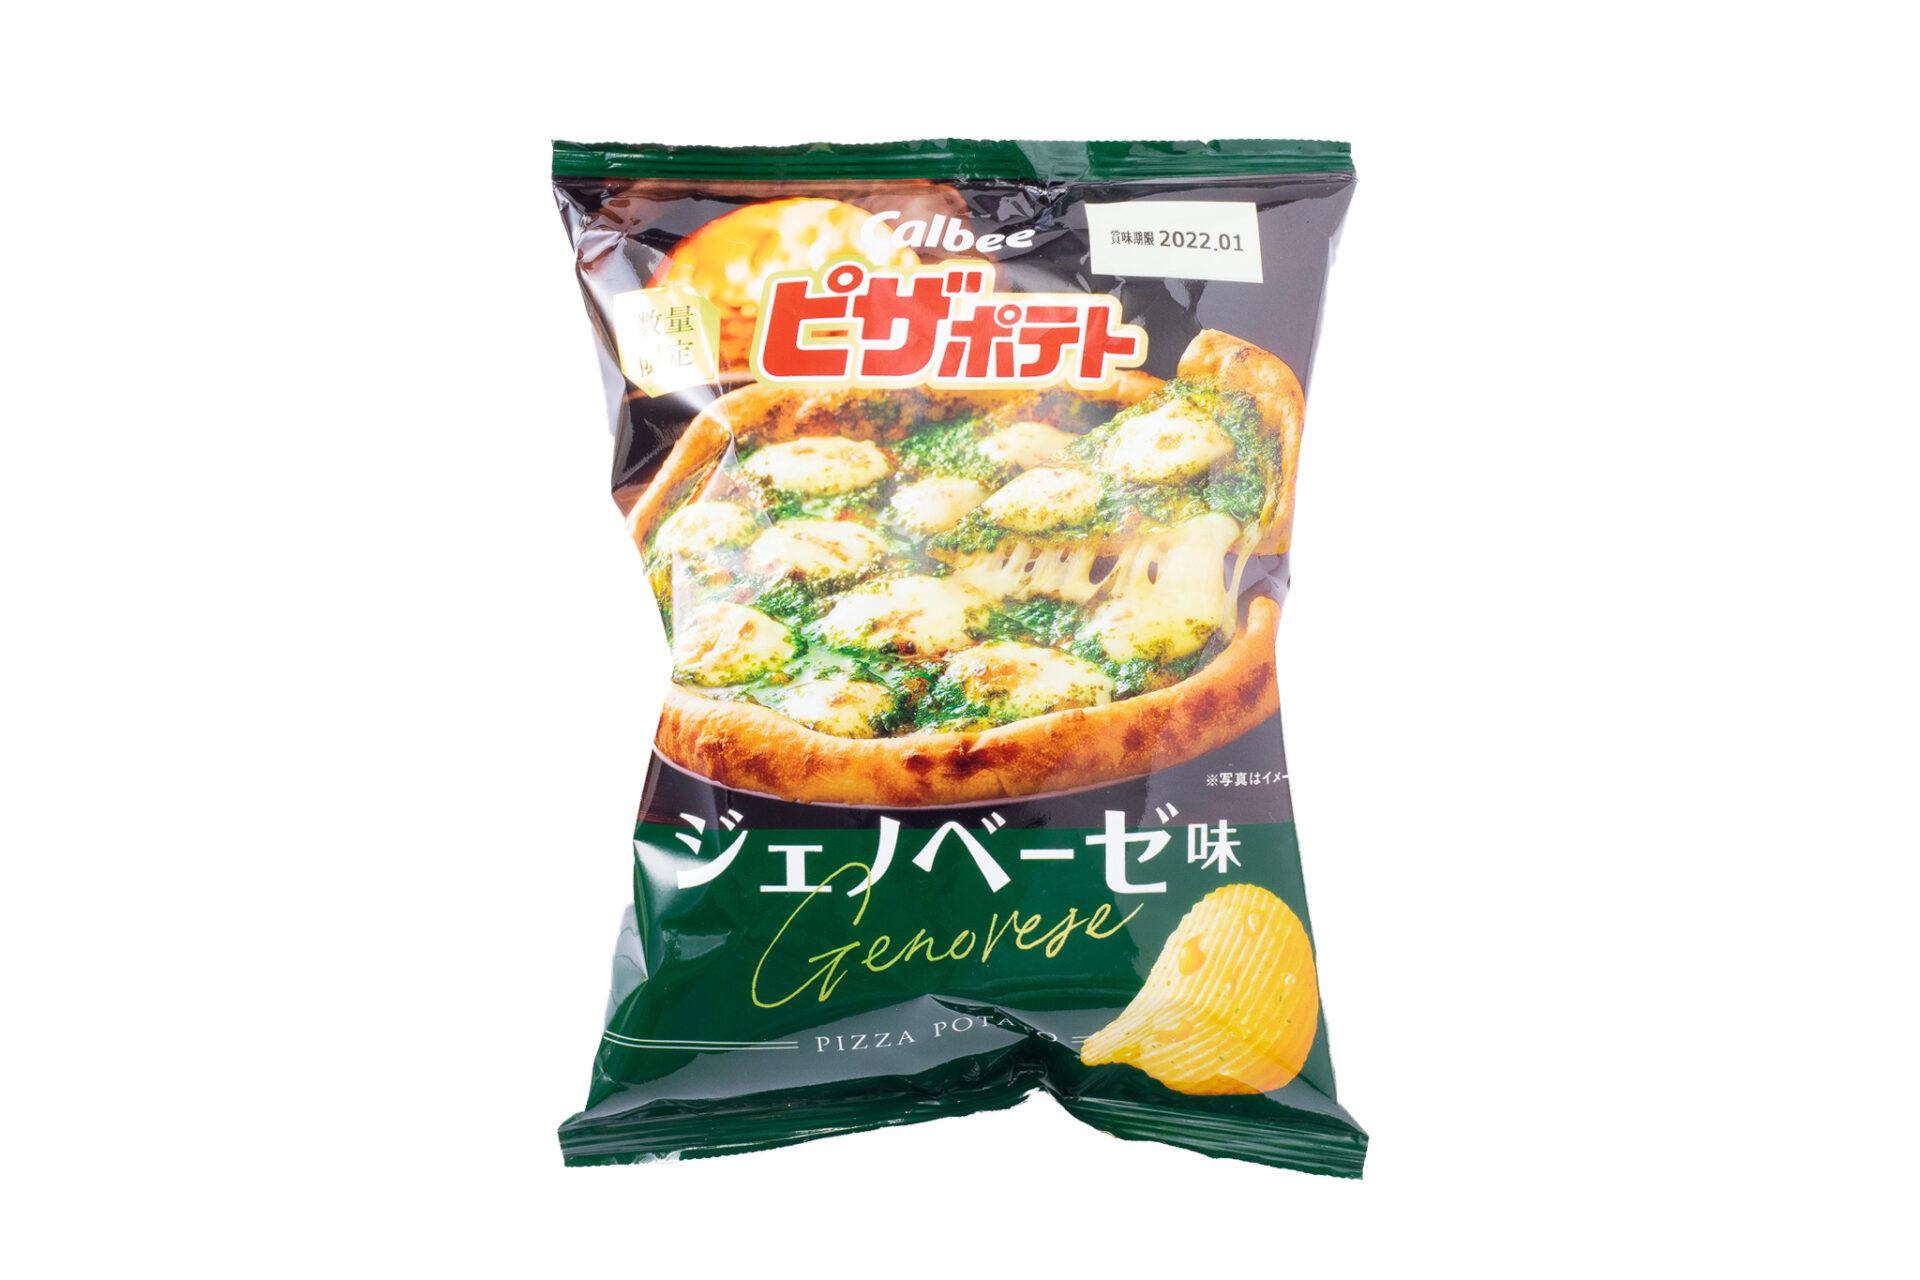 カルビー『ピザポテト ジェノベーゼ味』